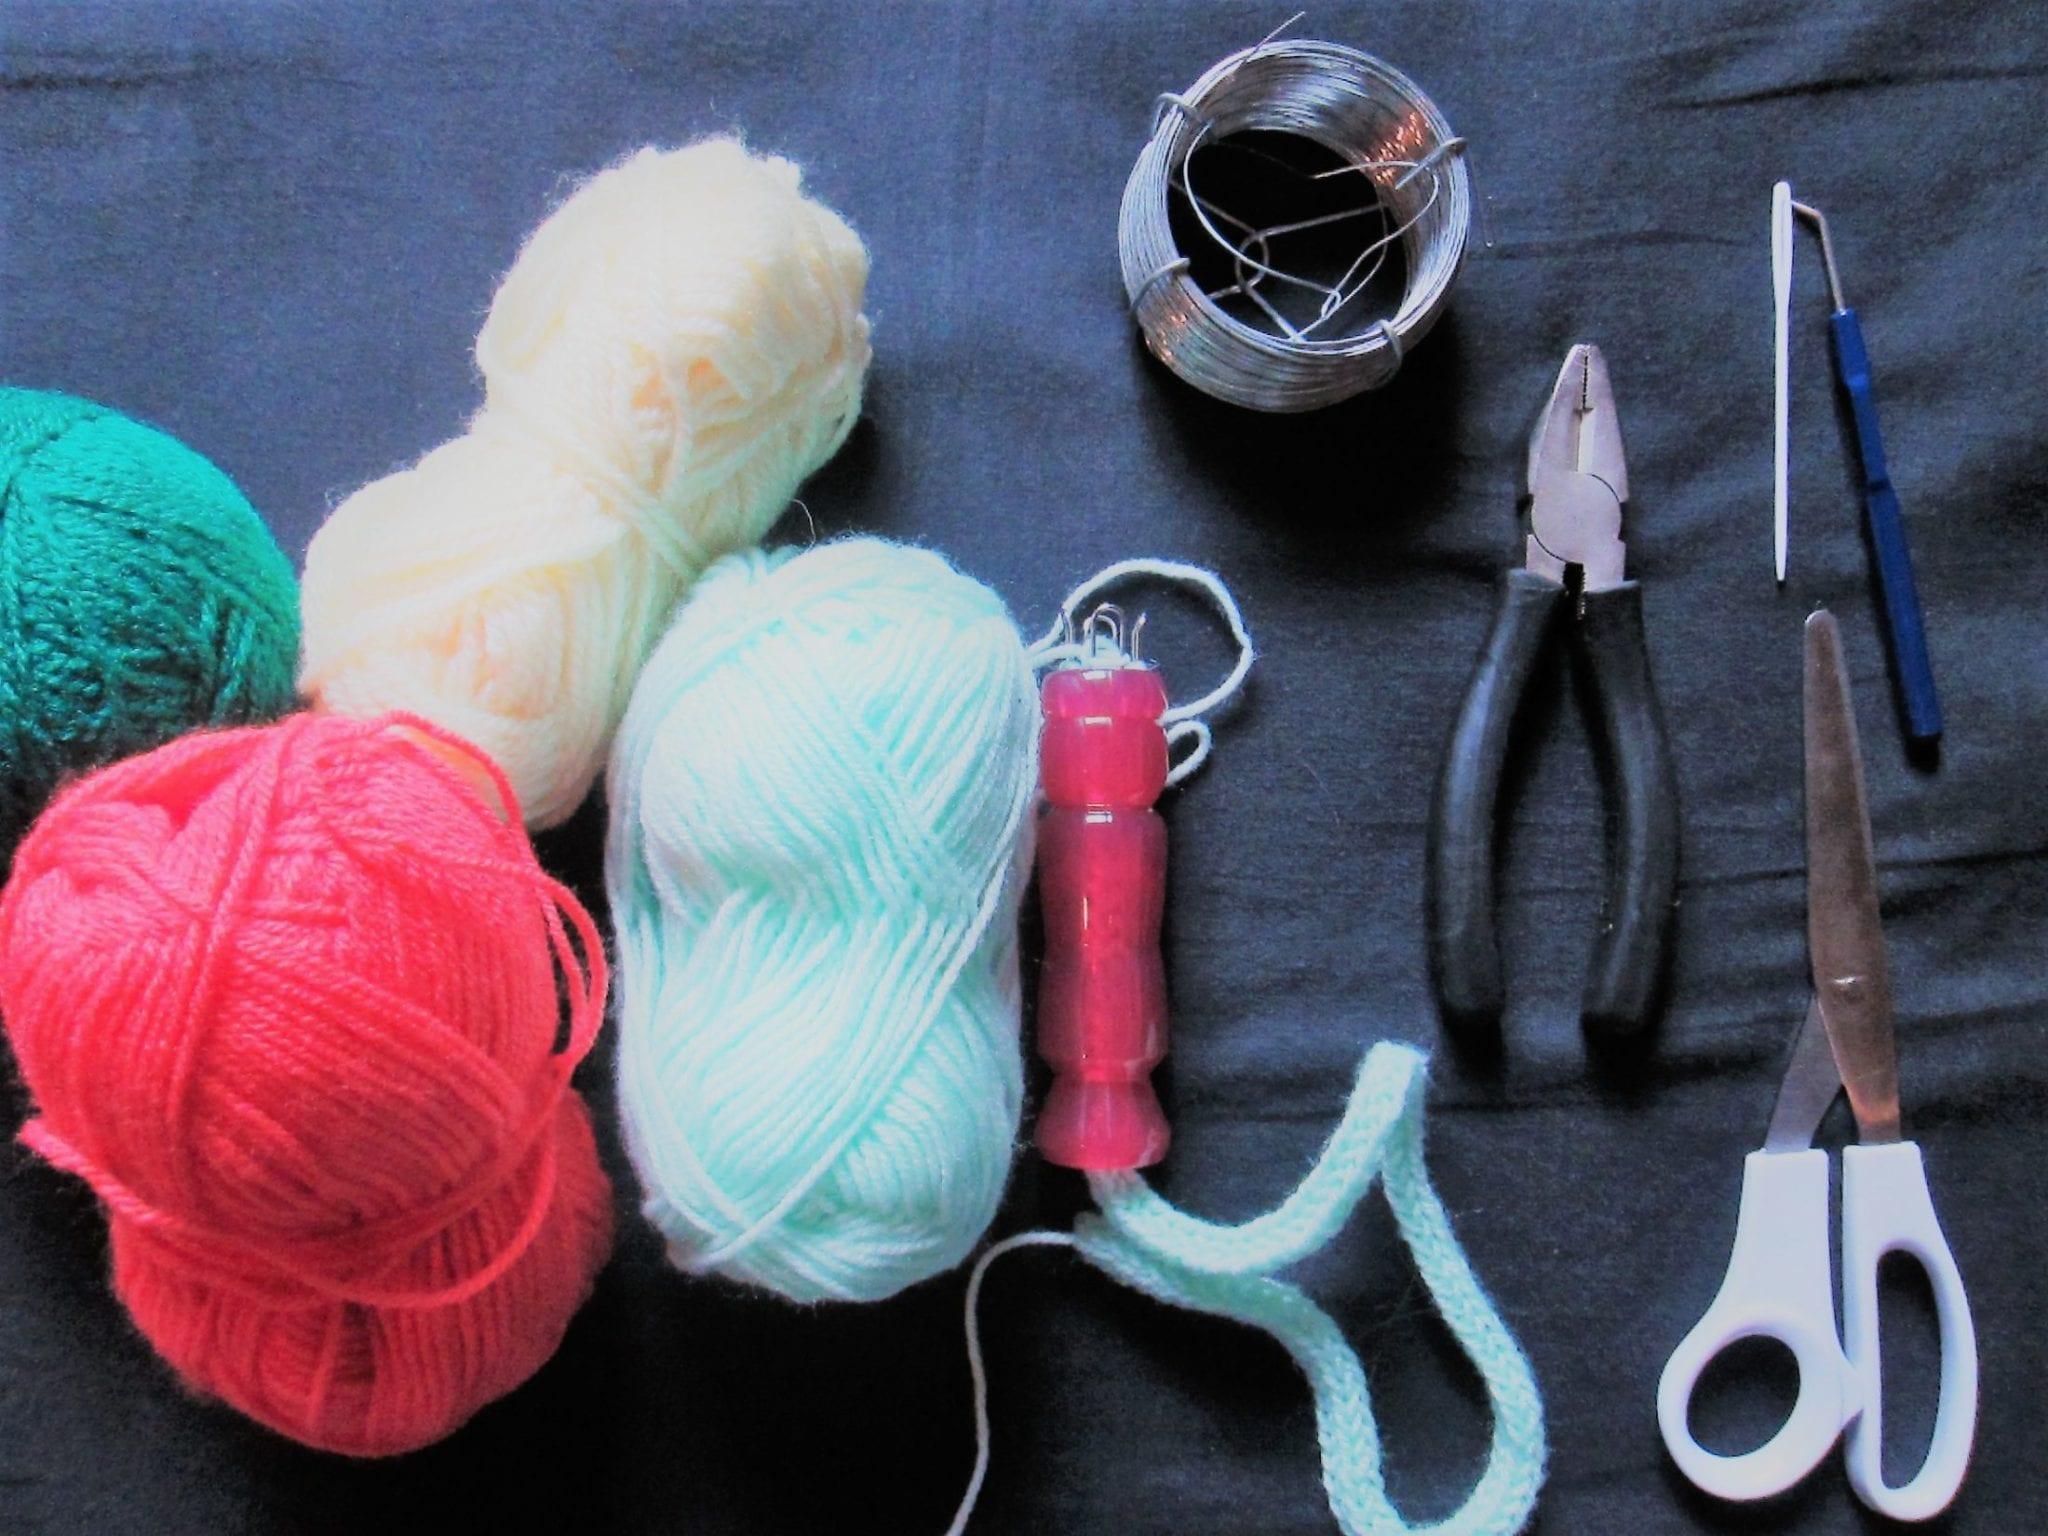 Ampoule tricotin - matériel